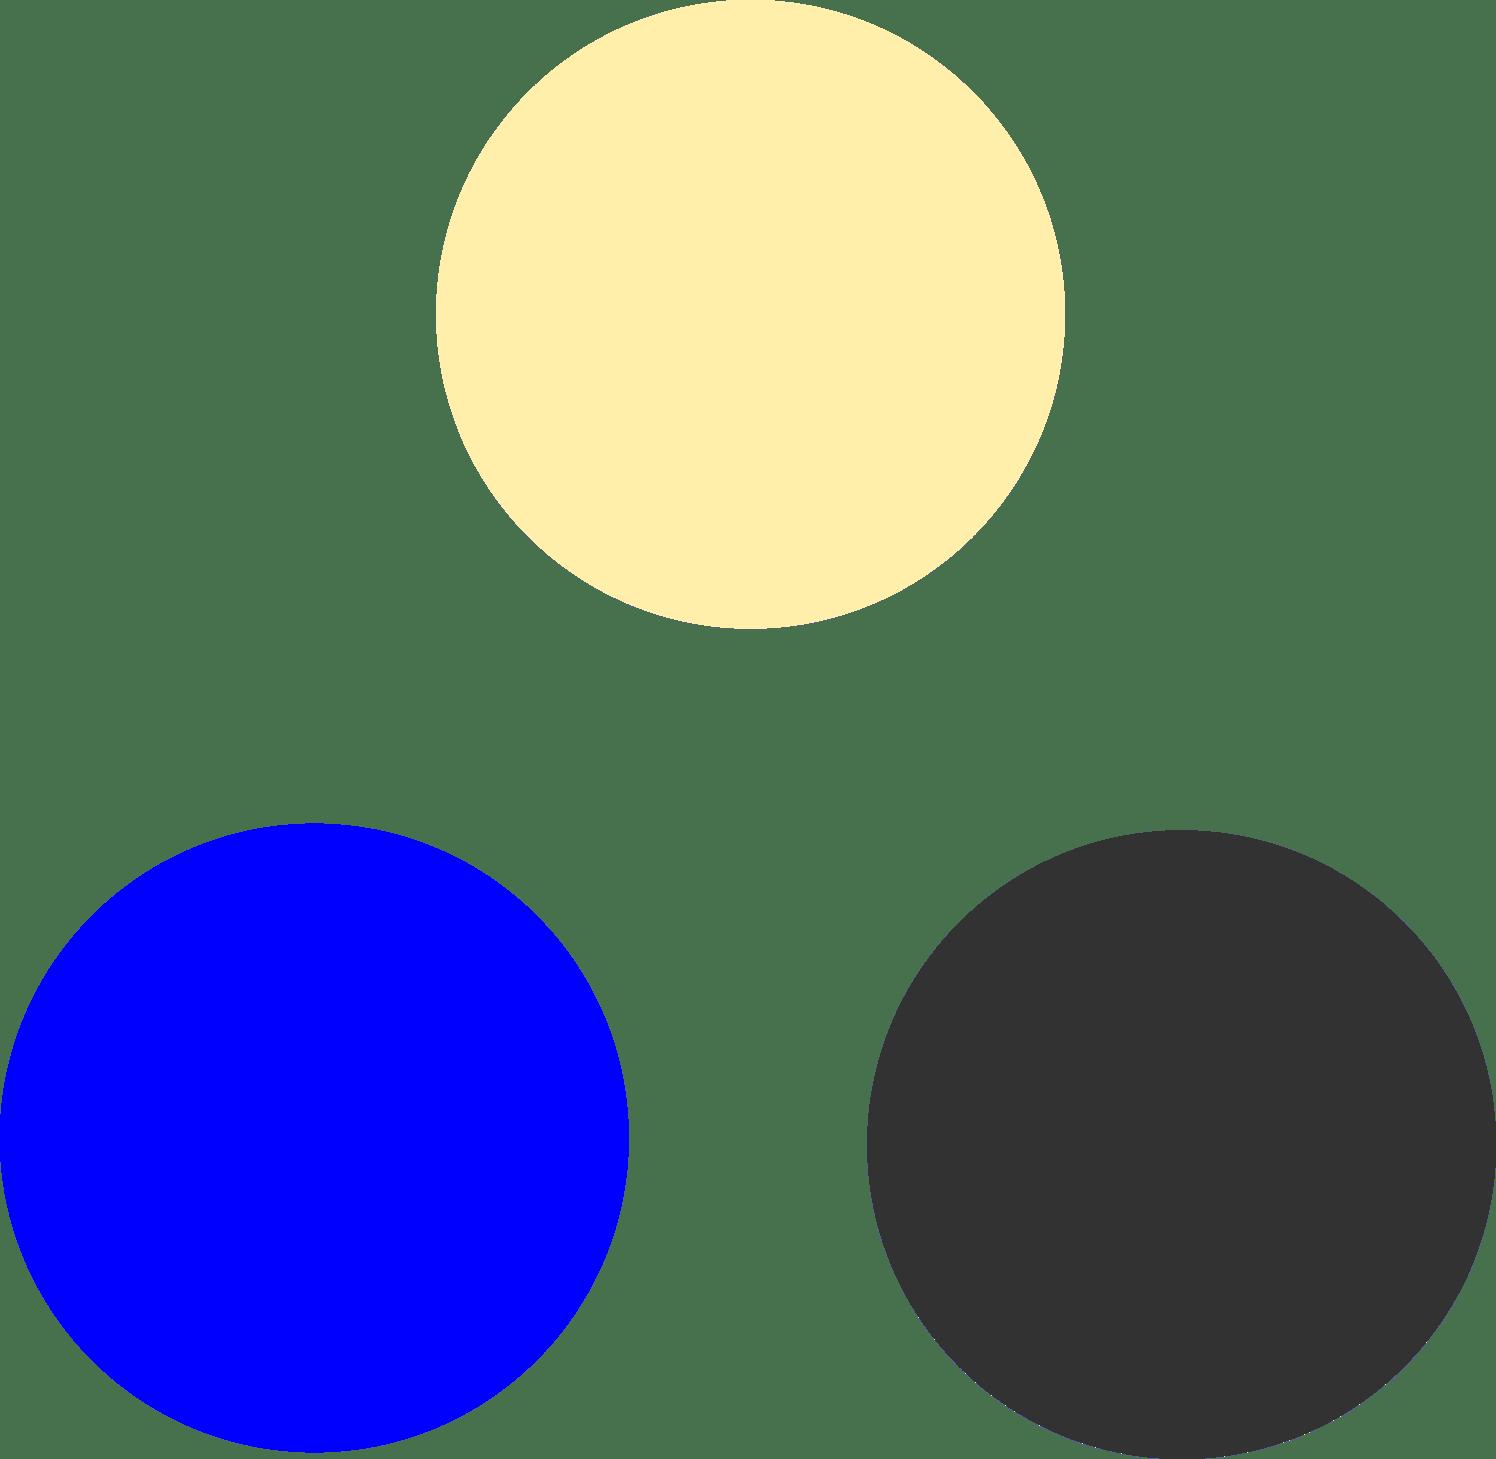 Verfügbare Farbvarianten der Royal Gardineer Seitenmarkisen: Anthrazit, Beige und Blau